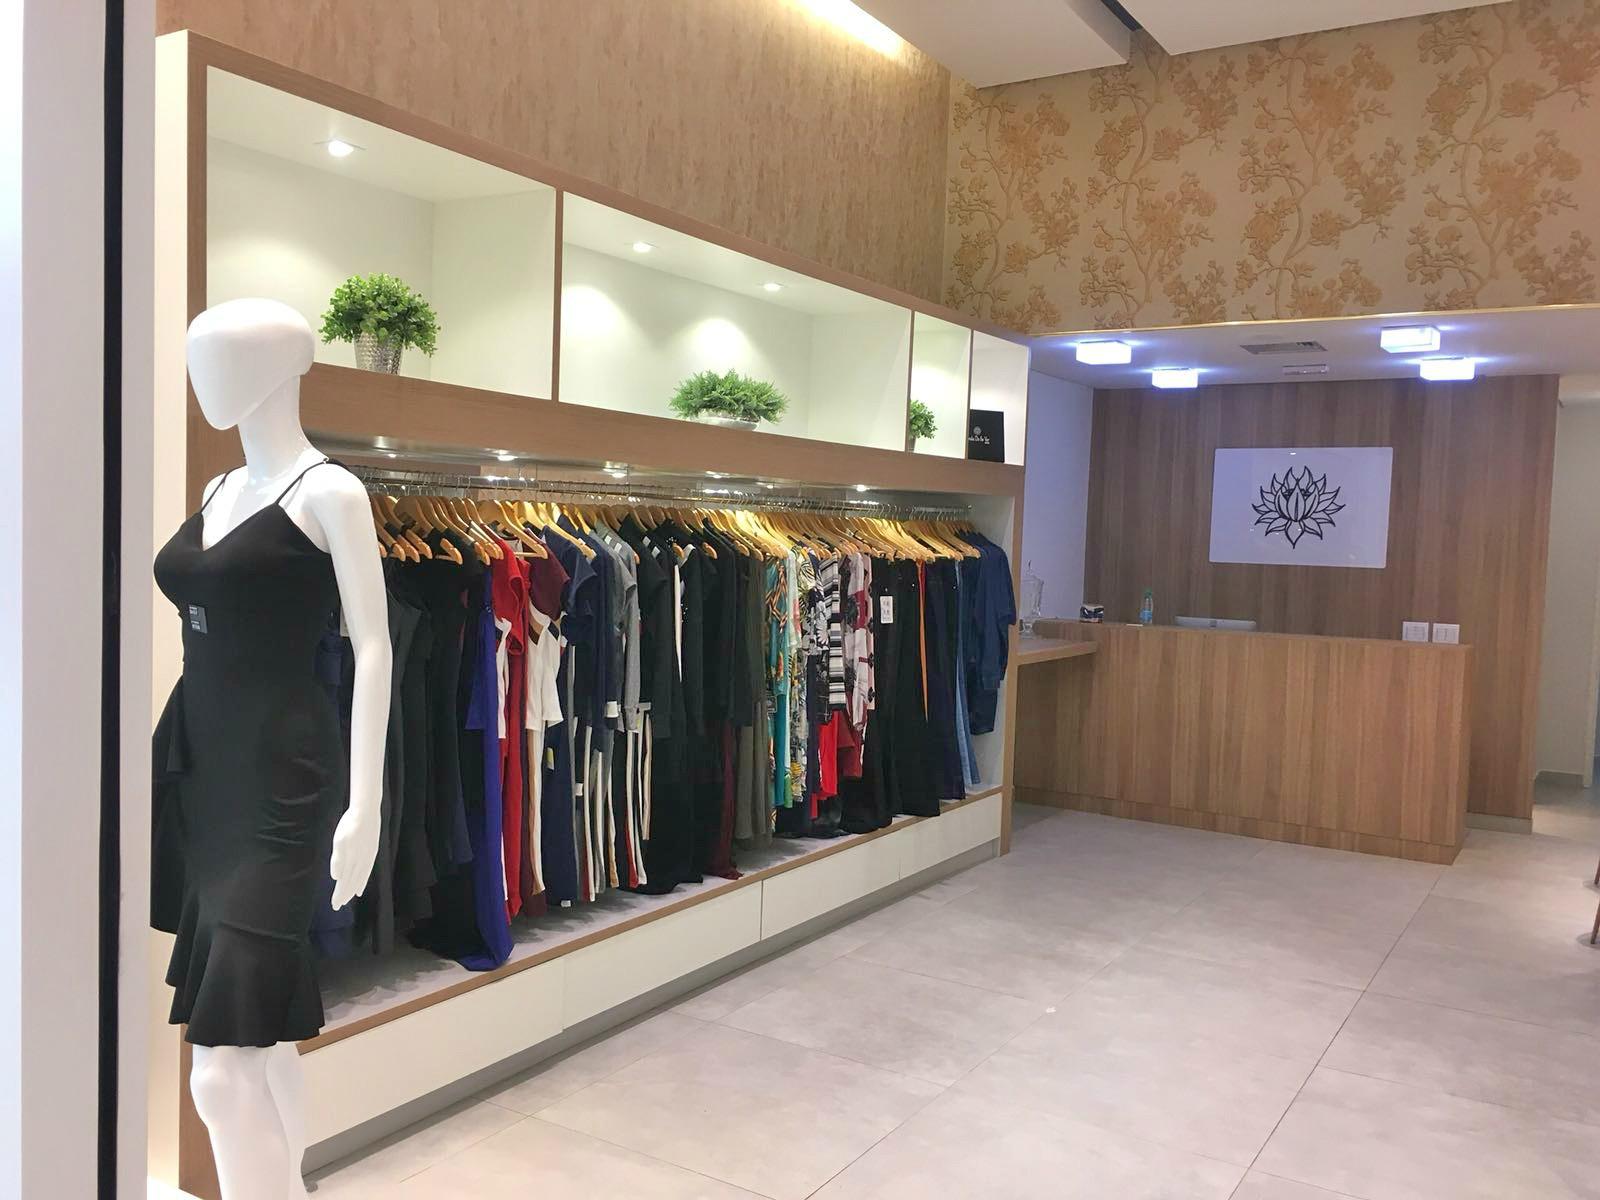 bc64bd359 A empresa investe e acompanha as tendências da moda feminina contemporânea,  prezando pela qualidade e oferecendo peças com variados tipos de cores, ...